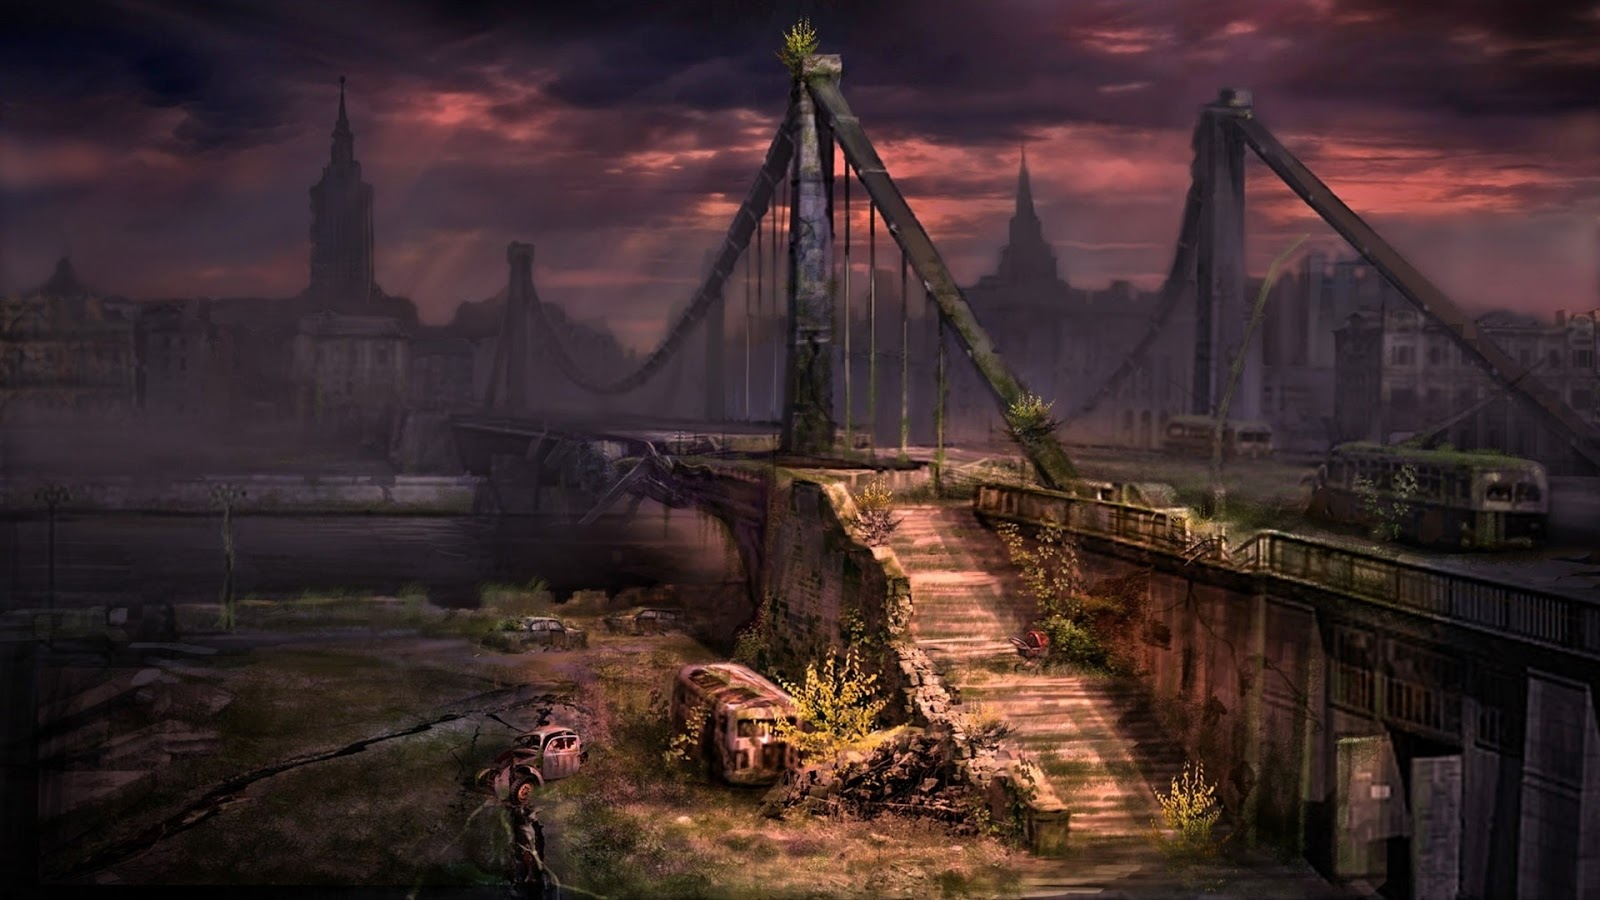 WallSheets: Apocalyptic Dark Scene